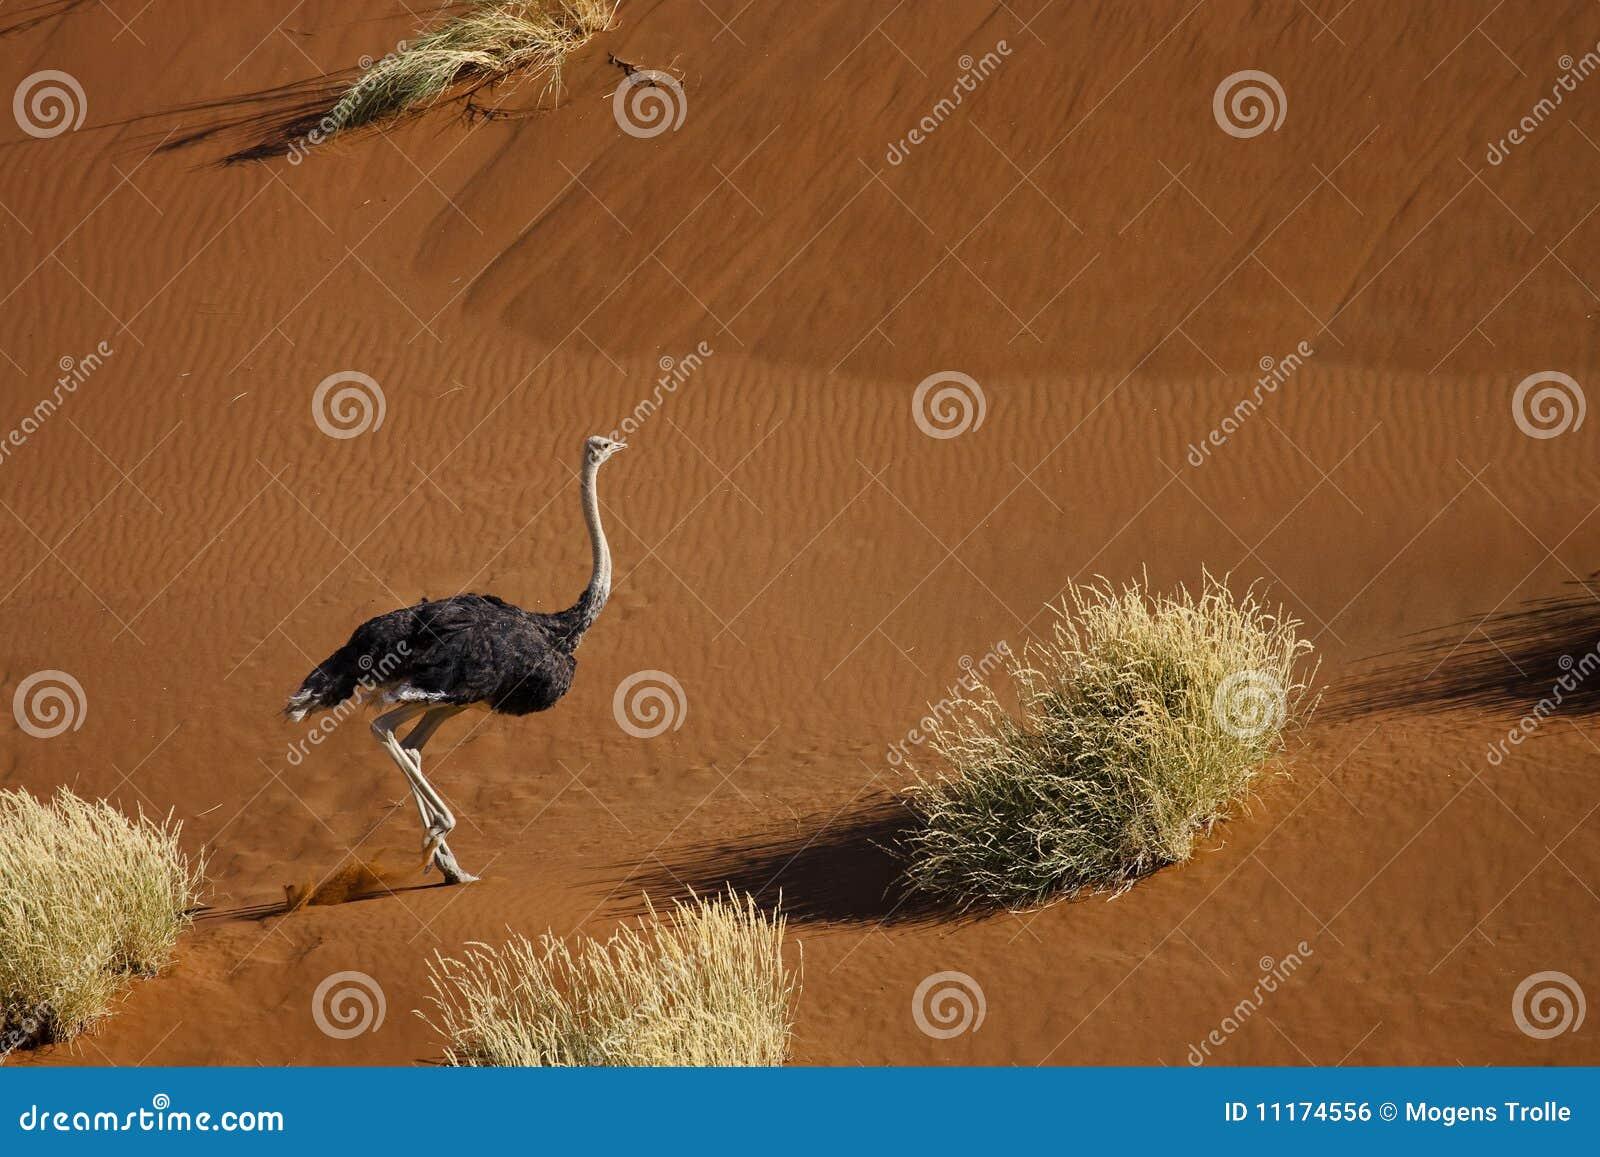 Strauß Der In Wüstendünen Läuft Stockfoto Bild Von Safari Sand